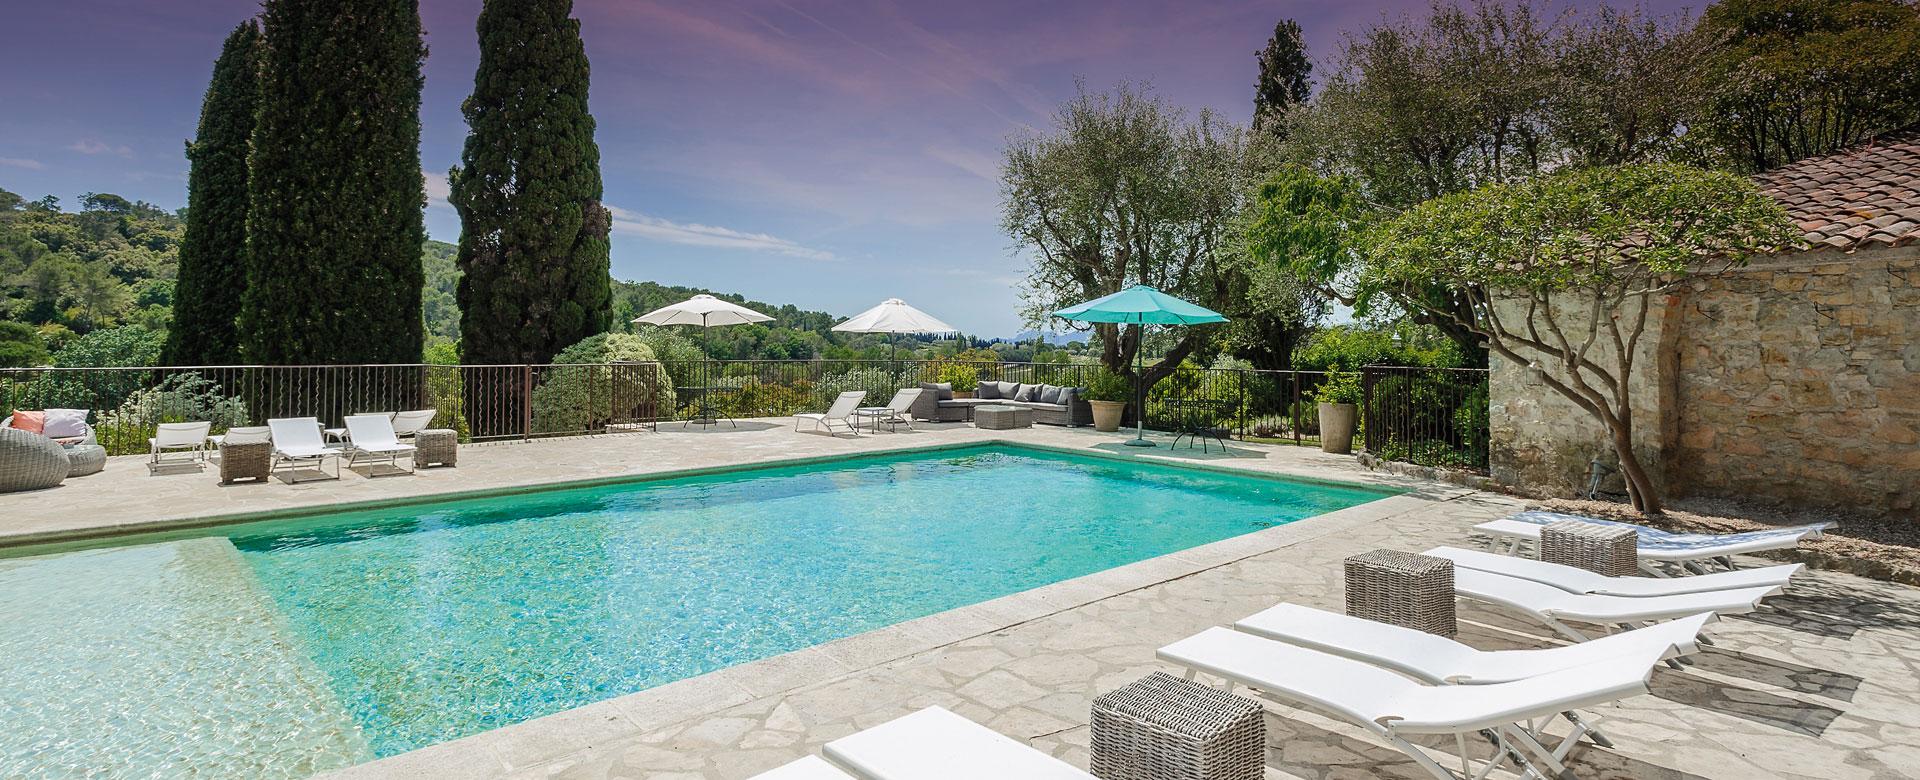 piscine-du-manoir